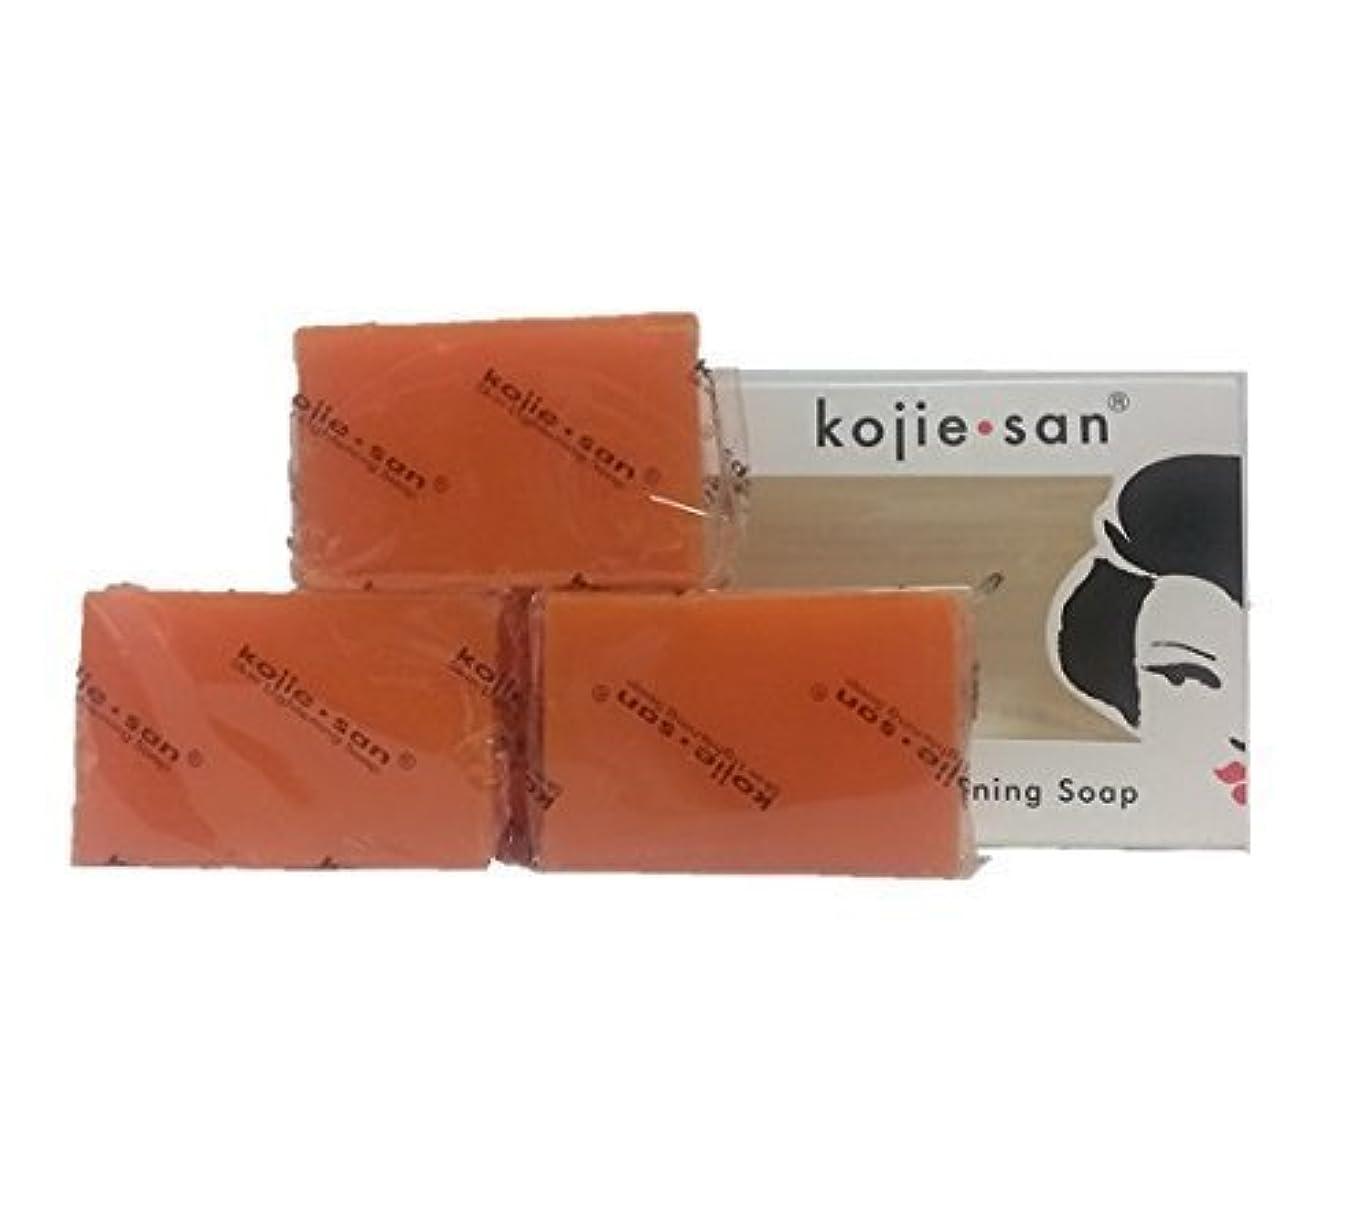 合法フェロー諸島ジョブKojie san Skin Lightning Soap 3 pcs こじえさんスキンライトニングソープ3個パック [並行輸入品]